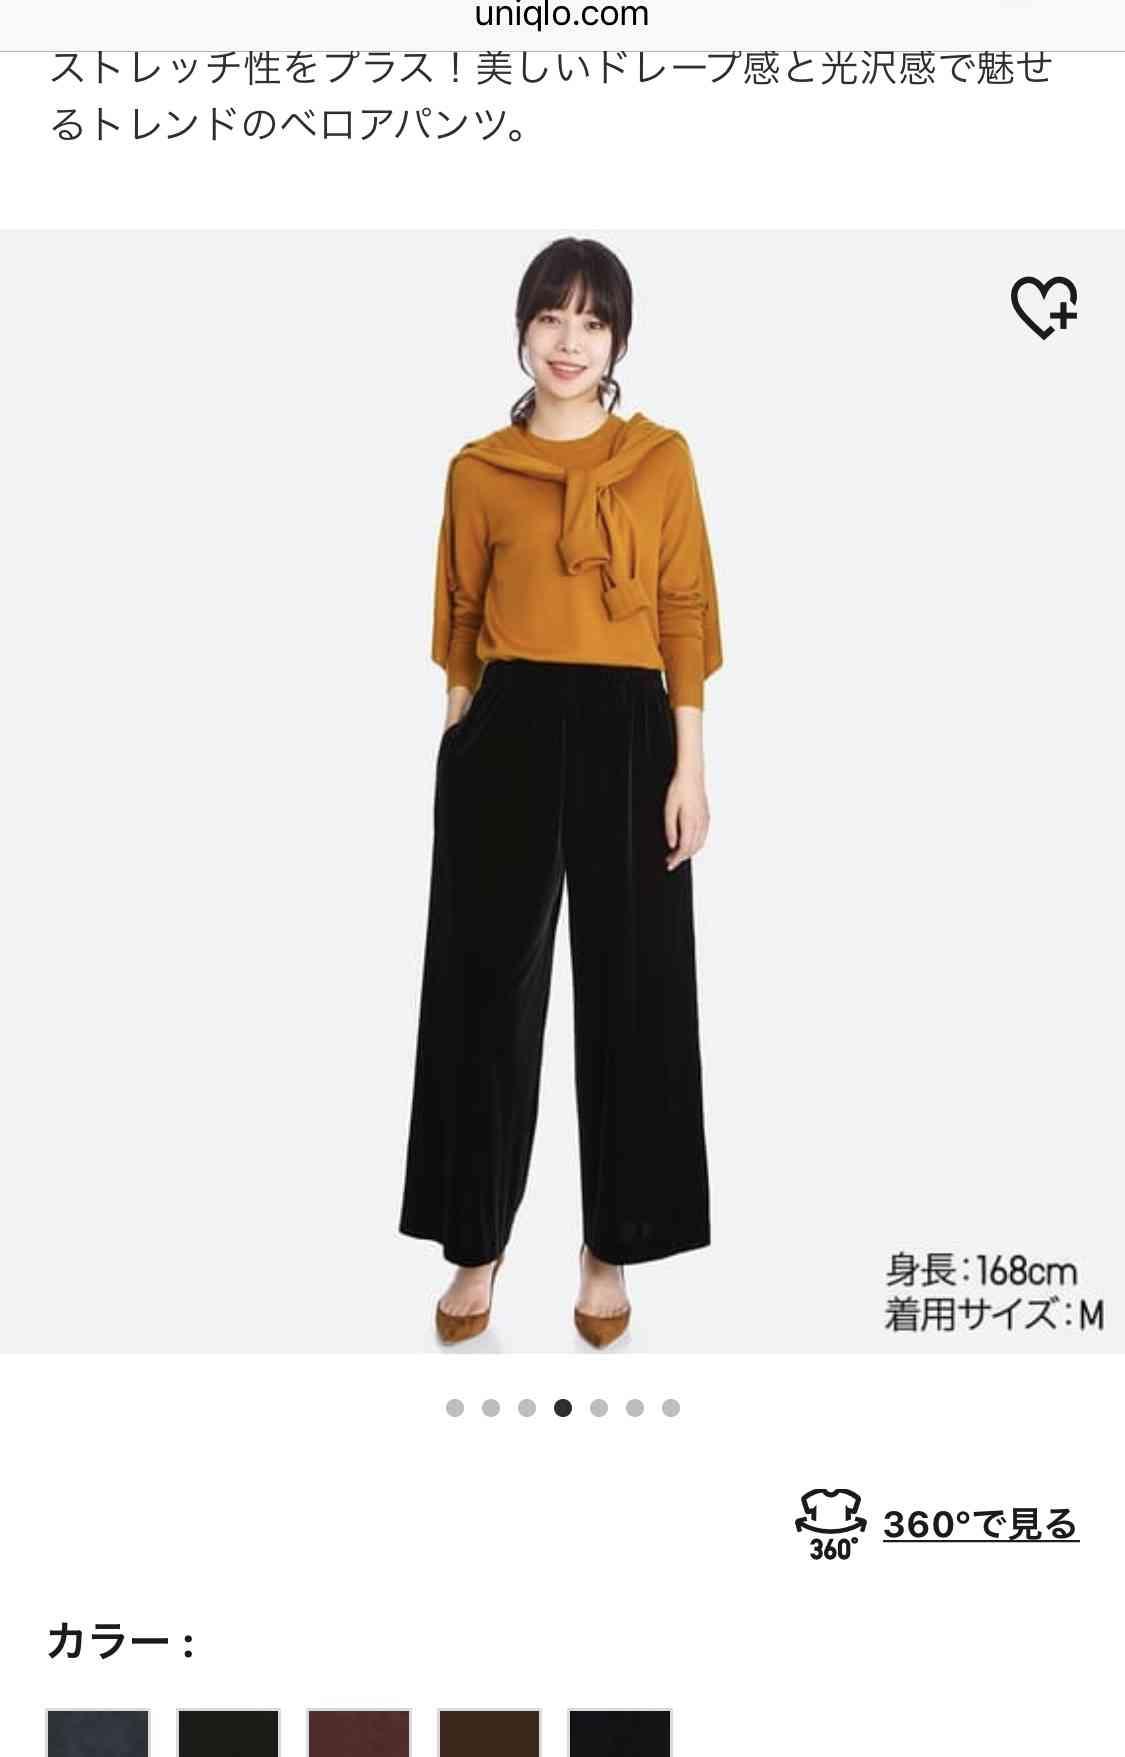 下半身デブのファッション